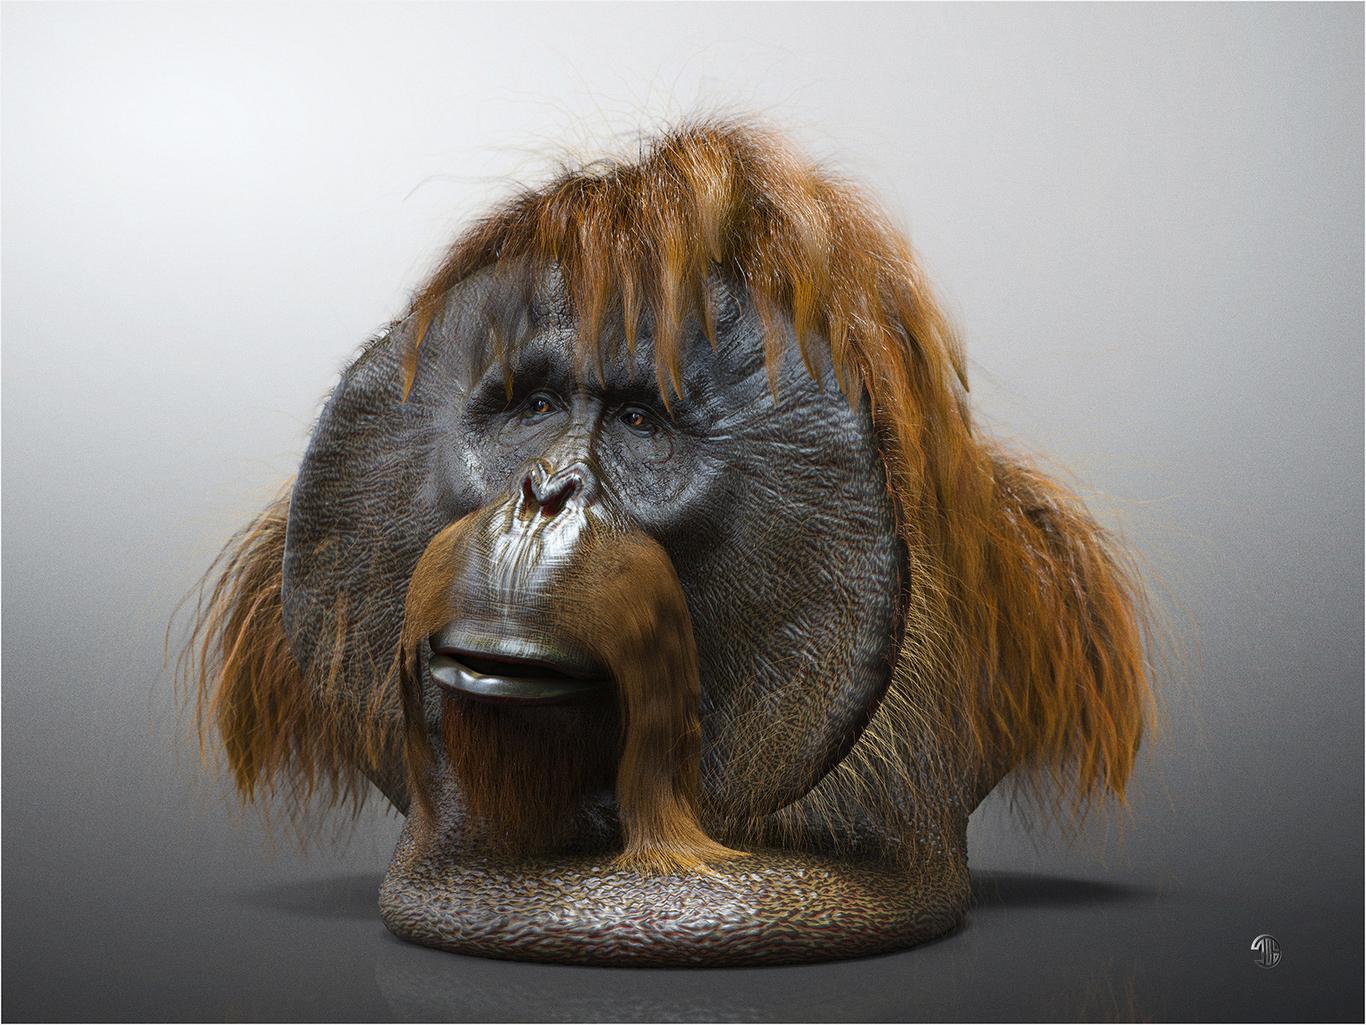 Titiber13 orangutan by titi wi 1 48a1cd82 ltt3